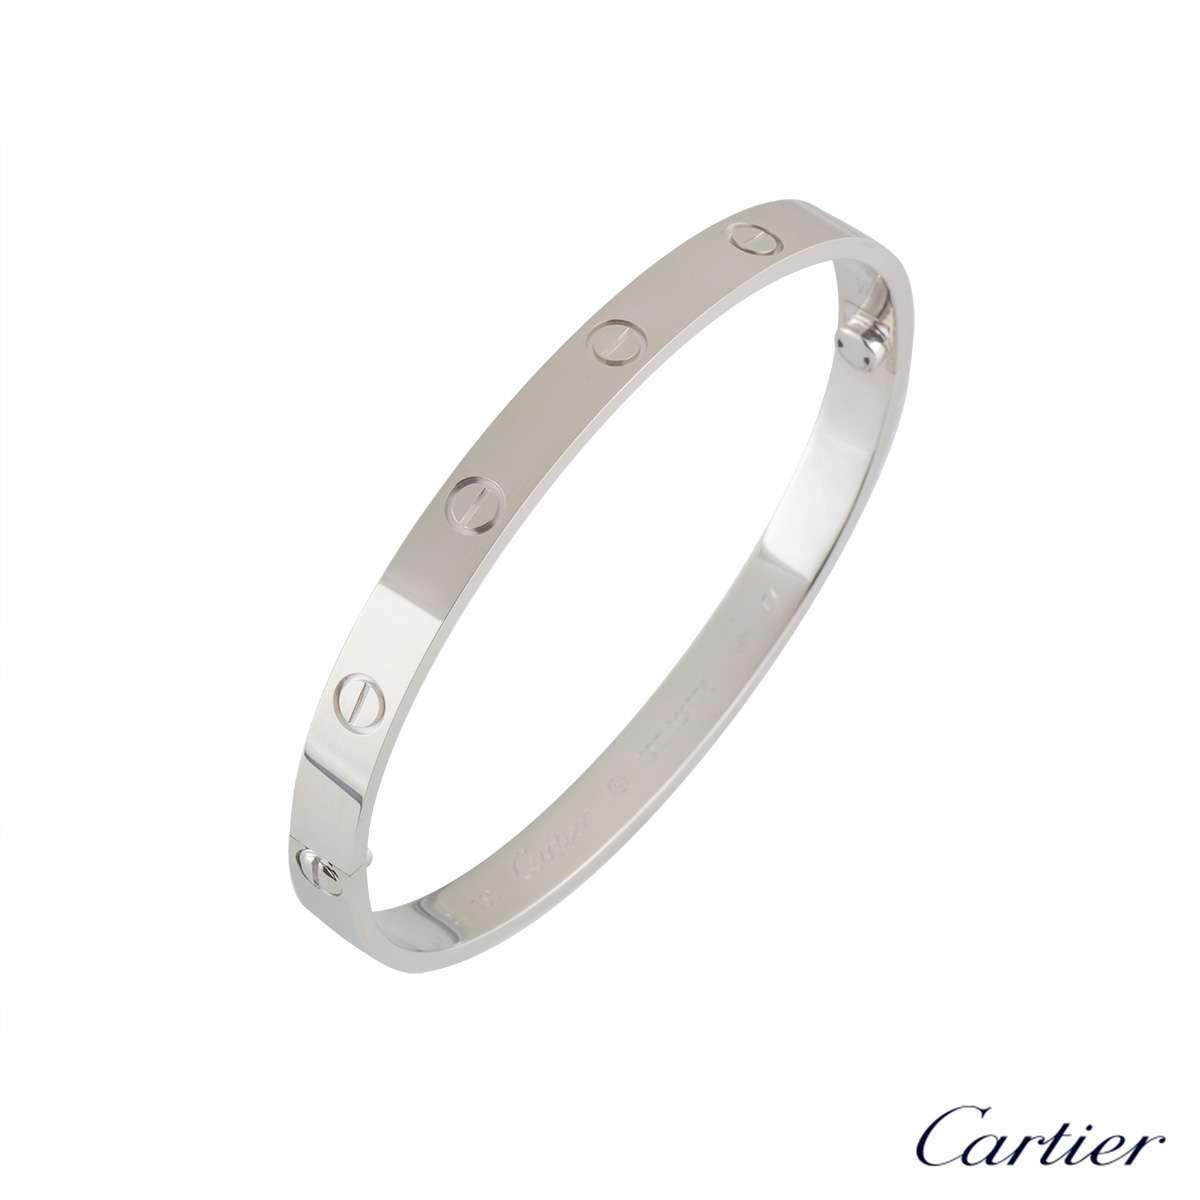 Cartier White Gold PlainLove Bracelet Size 16 B6035416